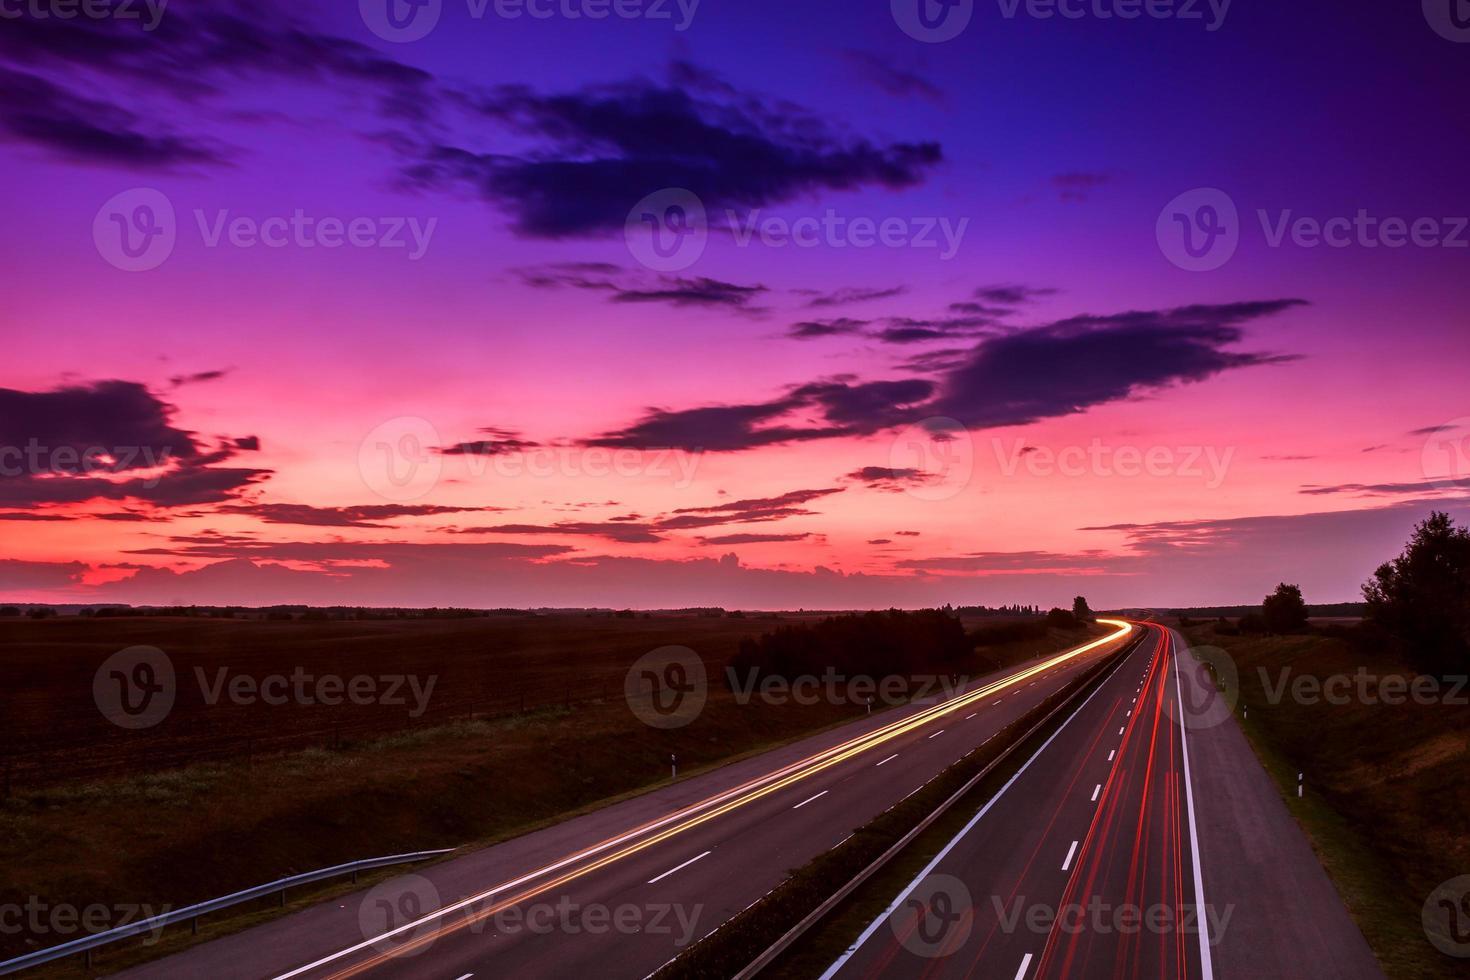 voitures excès de vitesse sur une autoroute photo